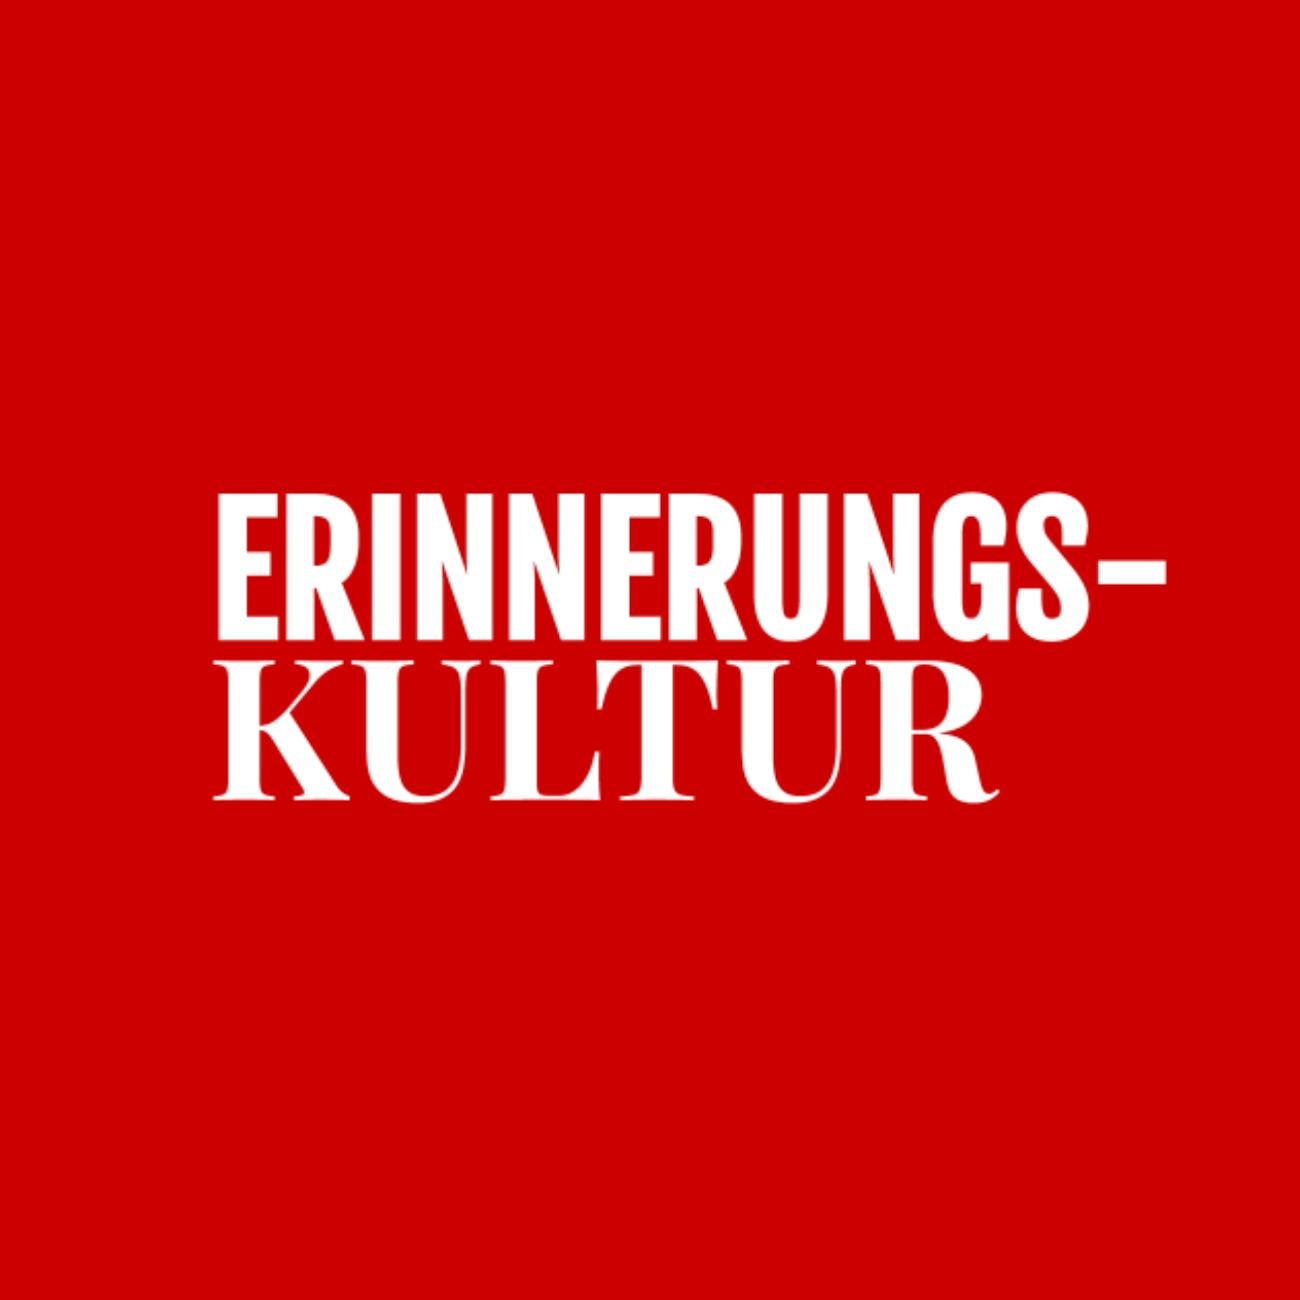 Erinnerungskultur Logo